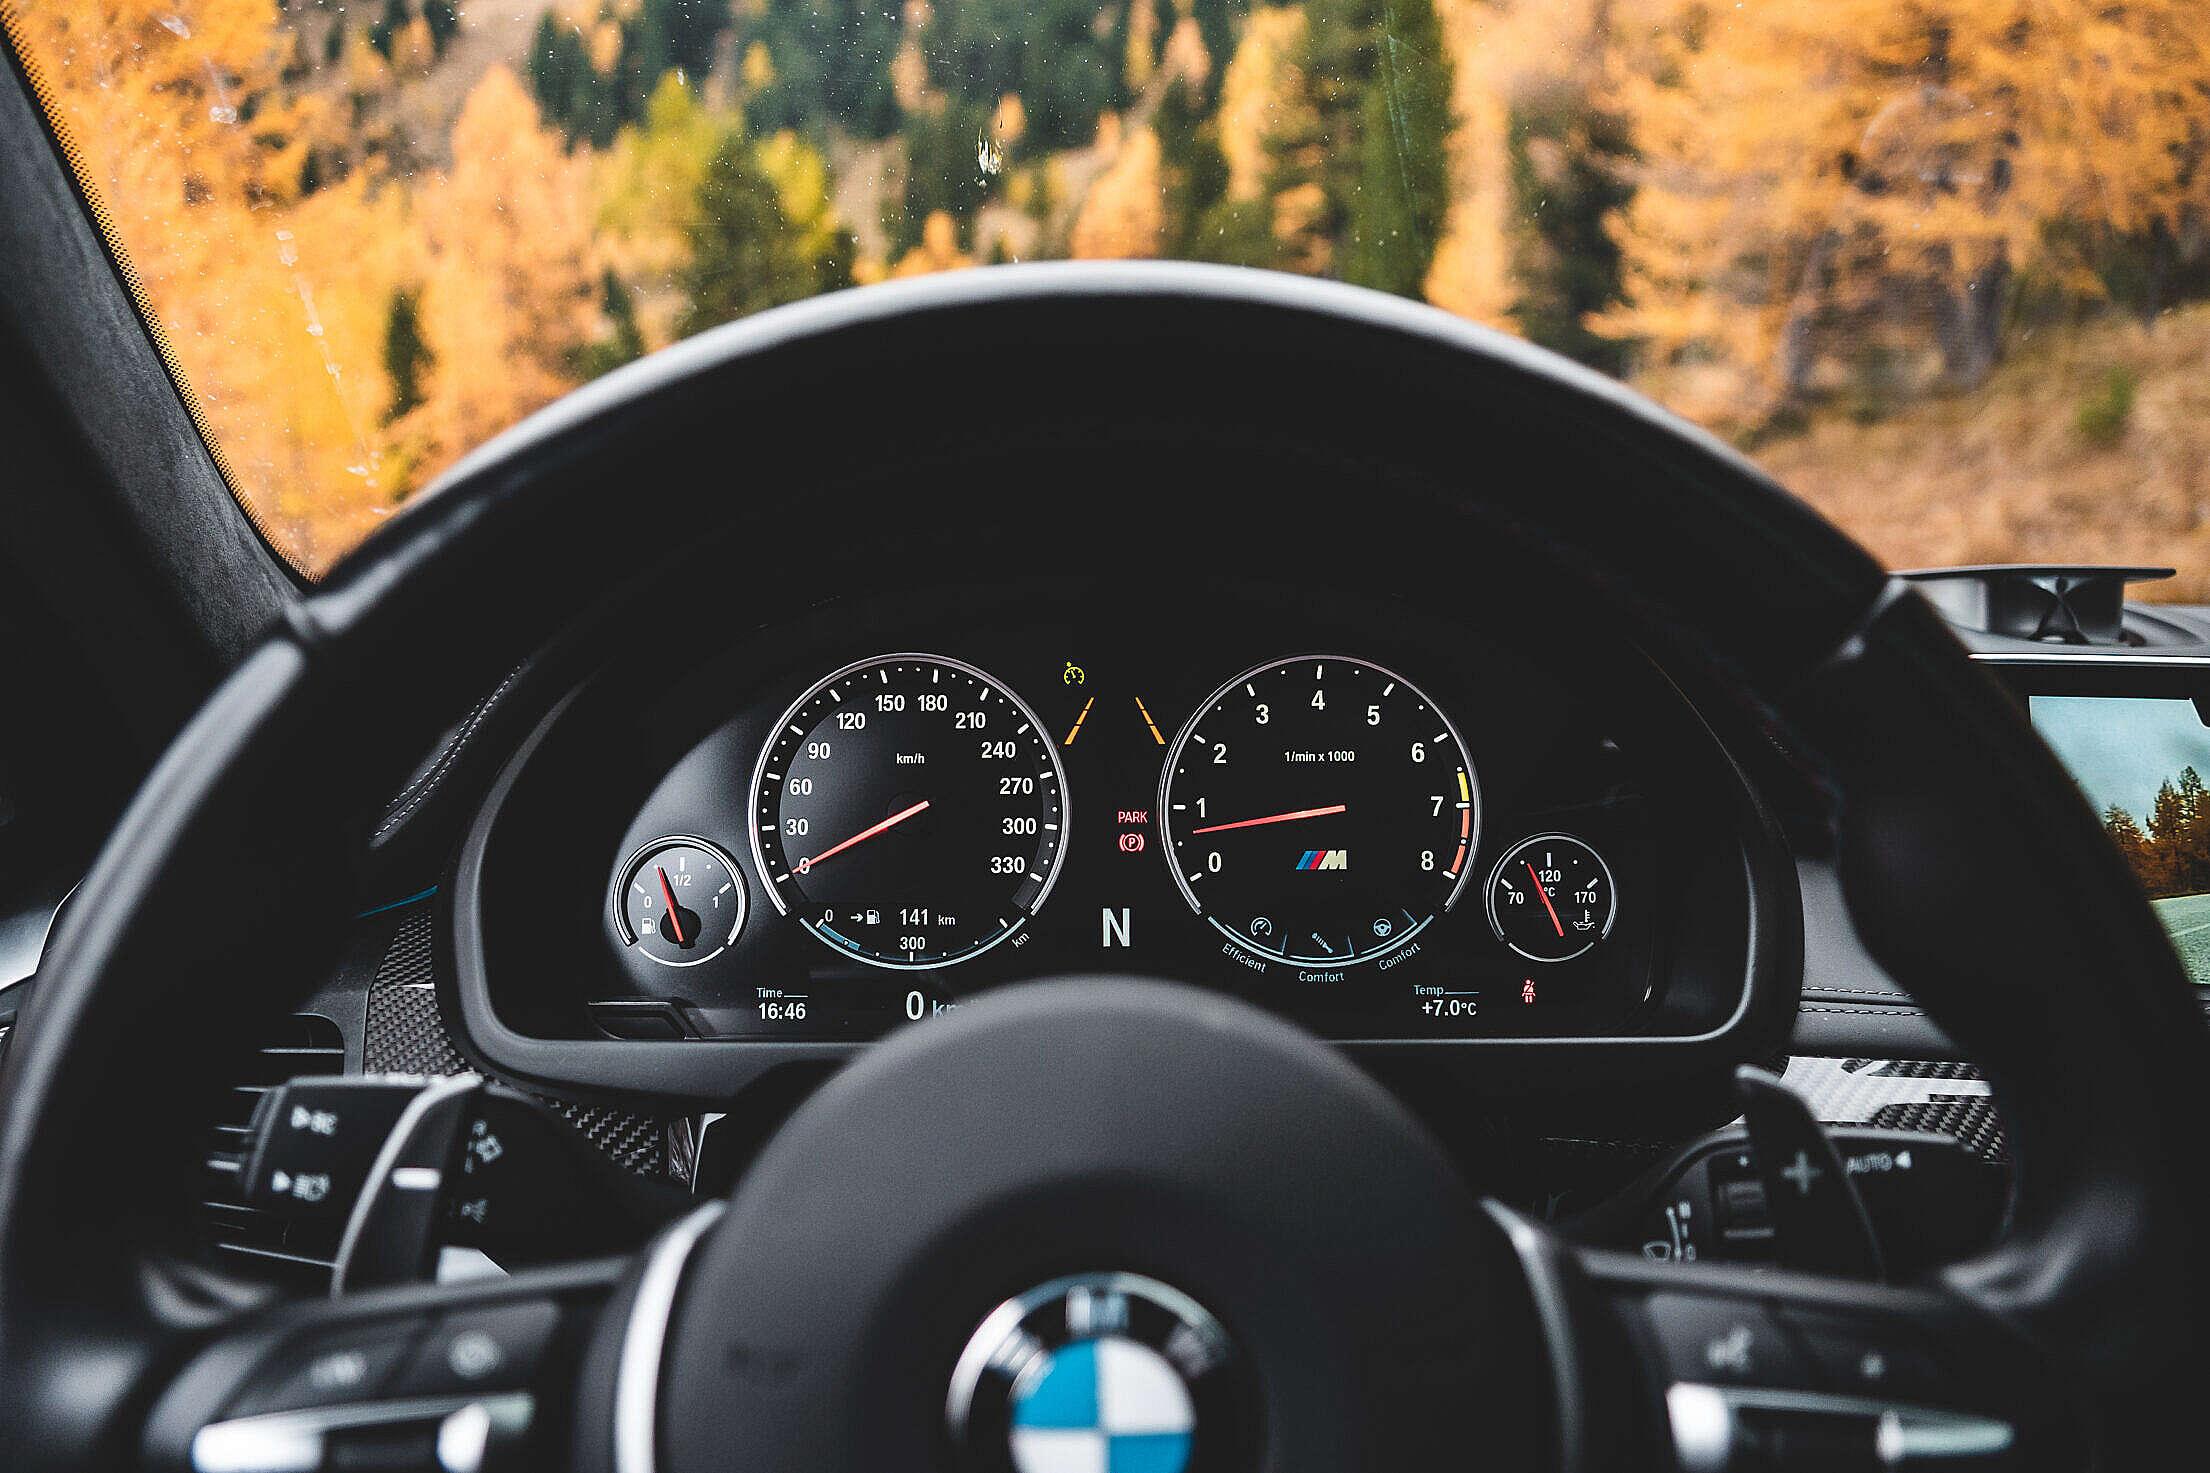 Petrol BMW M Car Dashboard Free Stock Photo